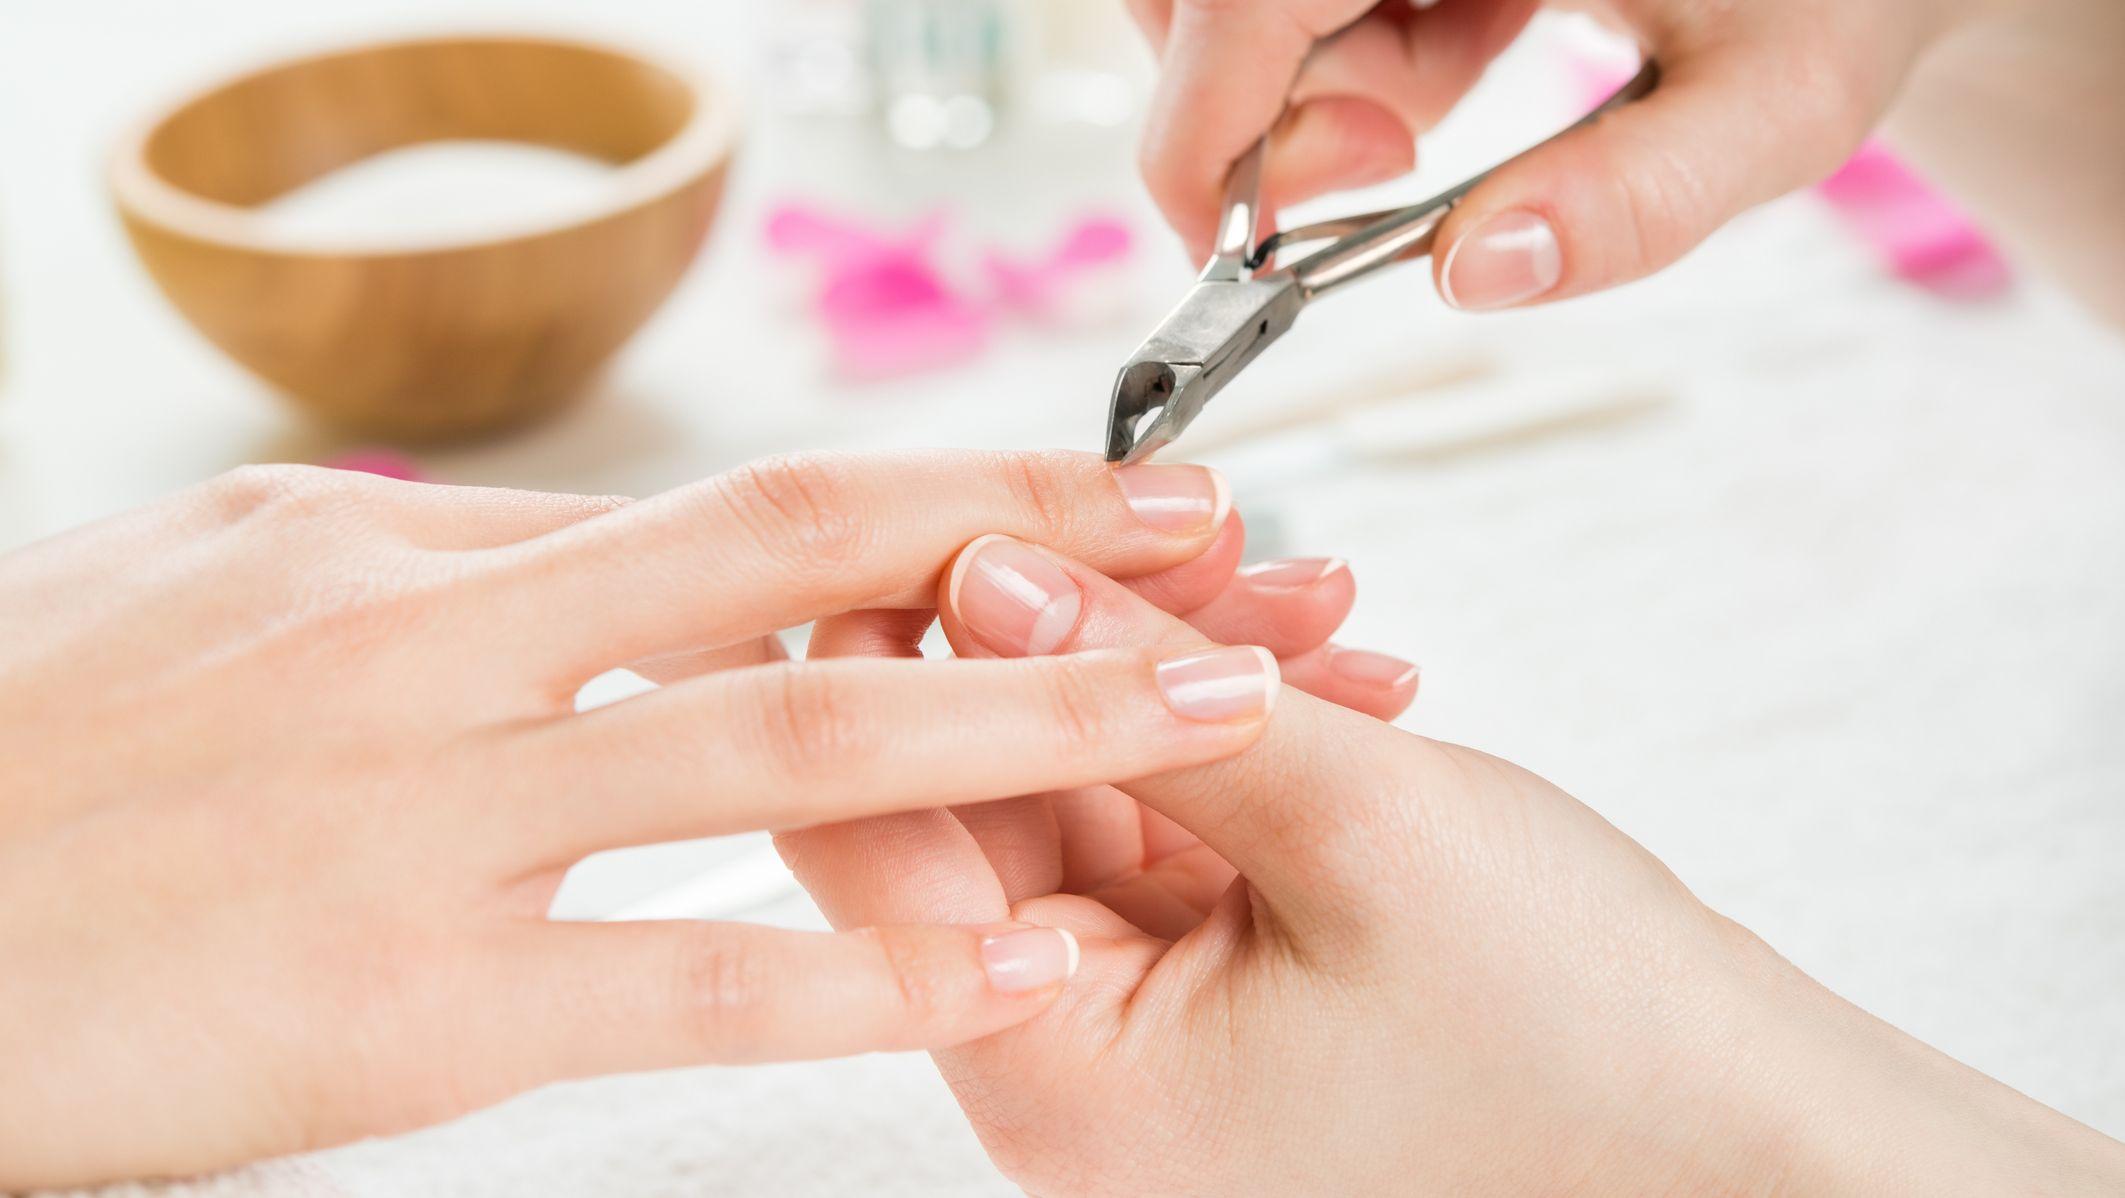 nail cuticles